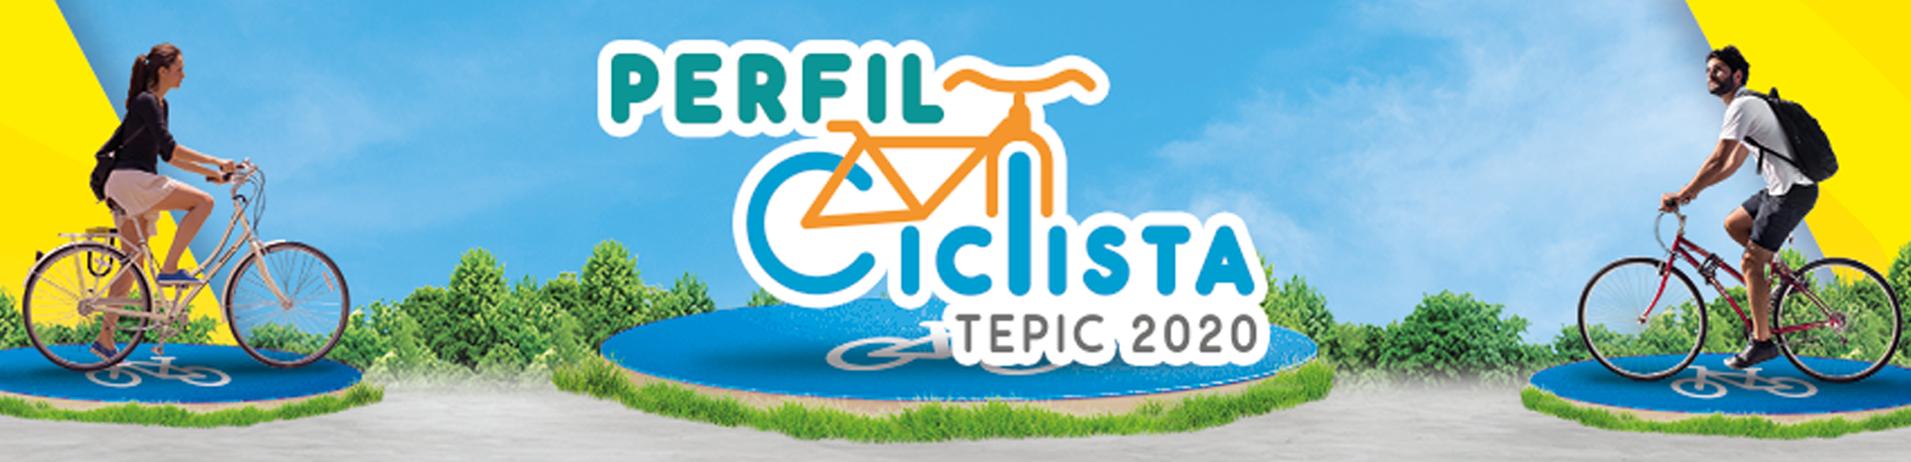 Perfil Ciclista 2020